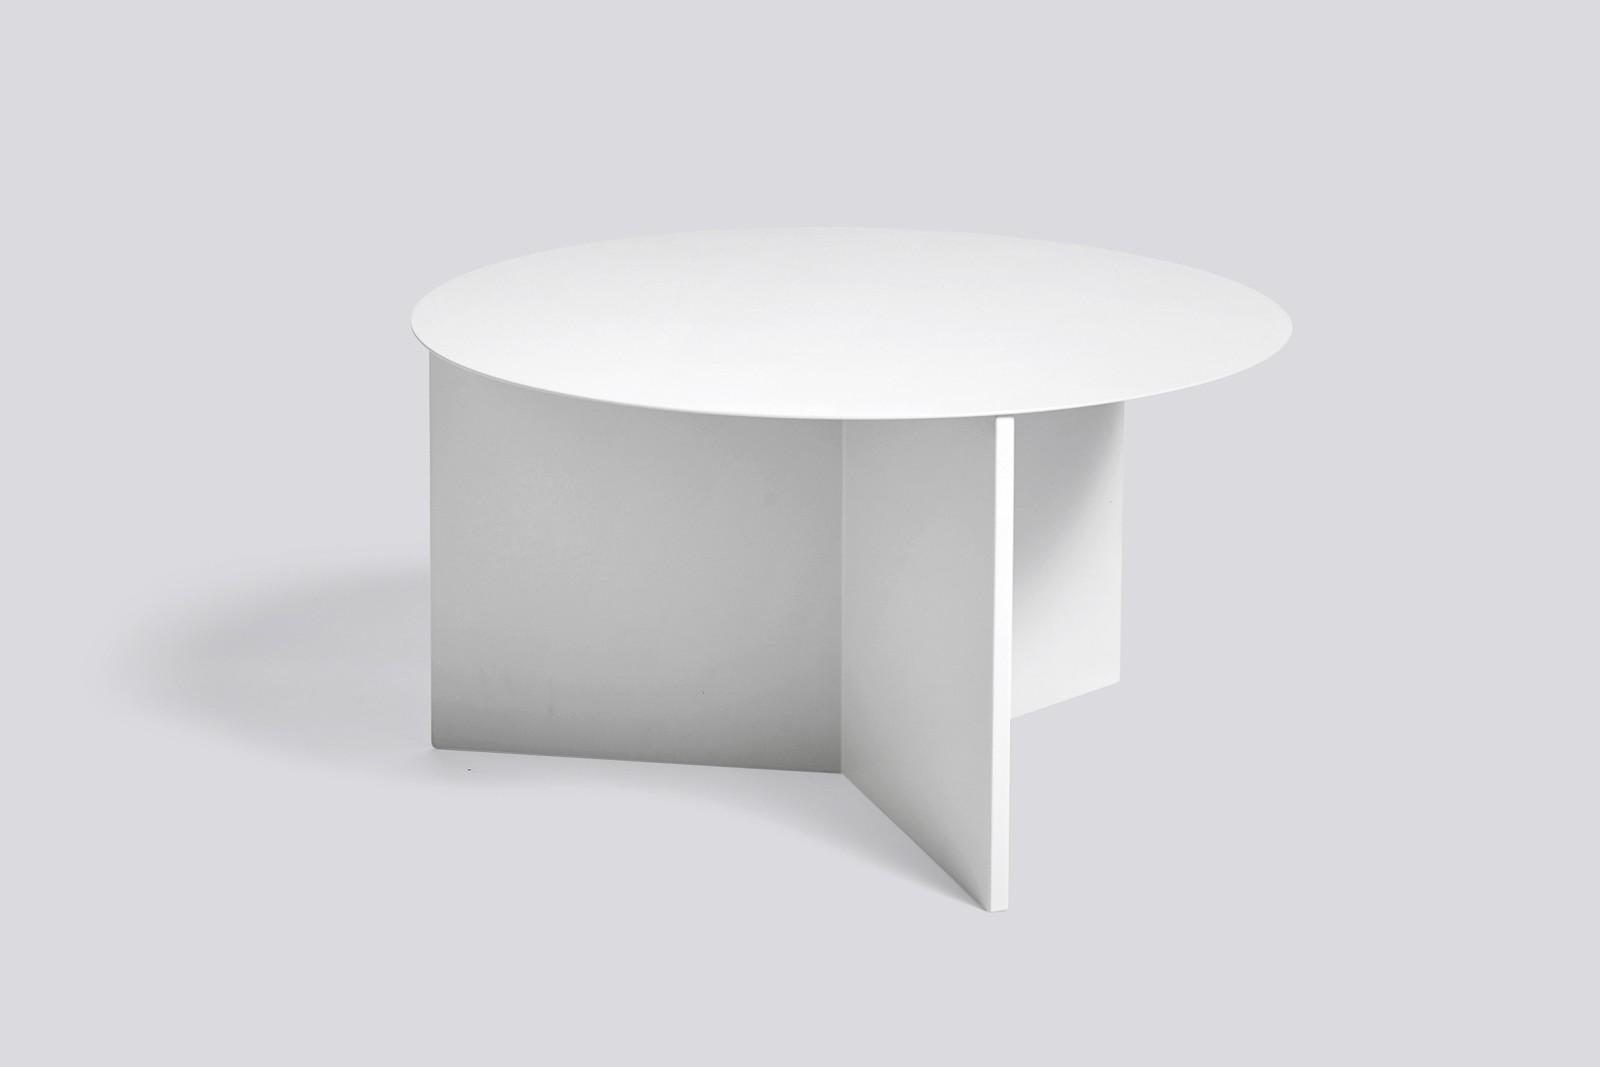 Slit Round Side Table White, 065 cm